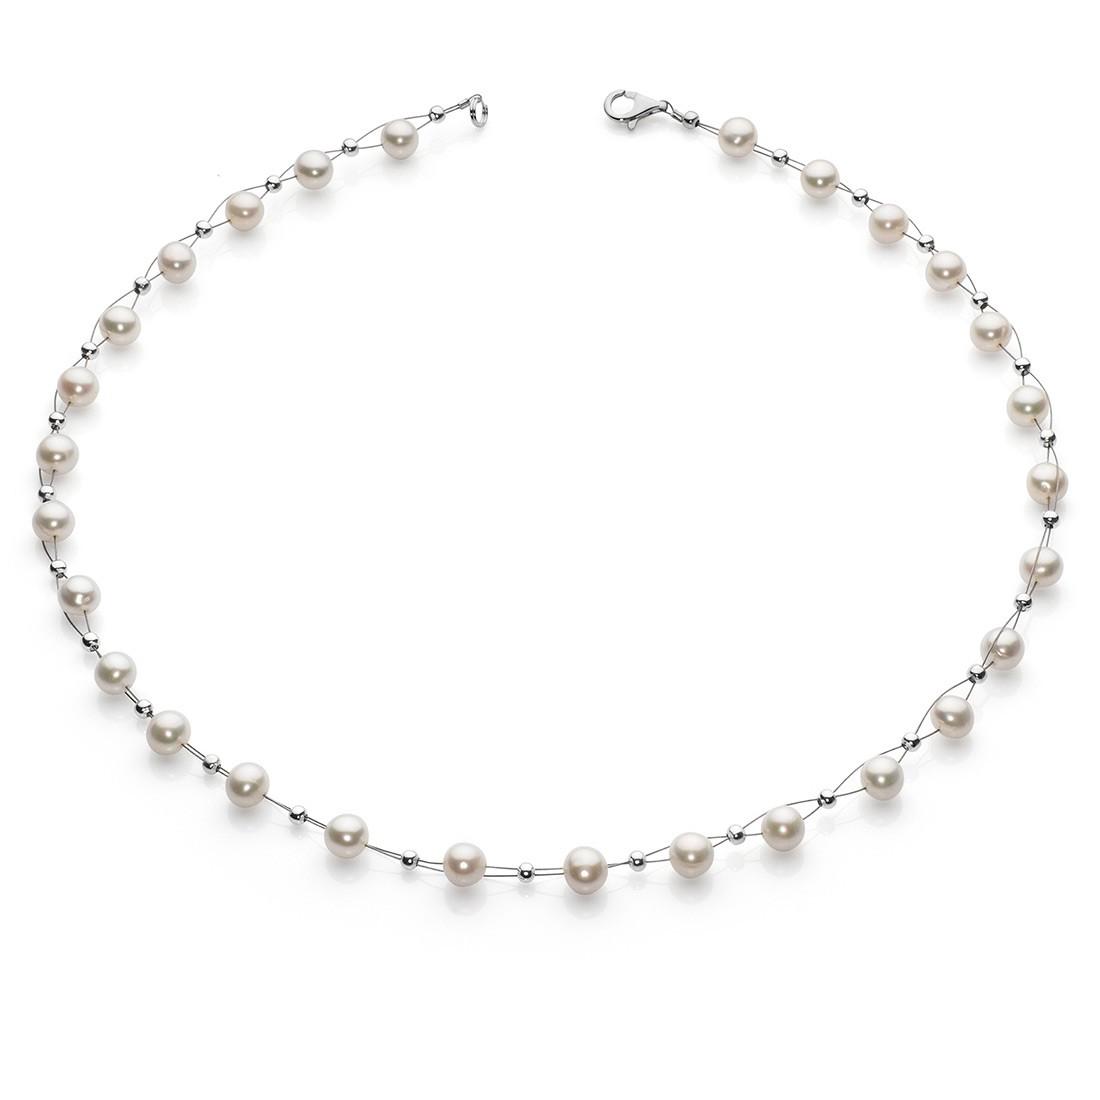 perlenkette kette collier halskette echte s wasser perlen creme wei halsschmuck damen. Black Bedroom Furniture Sets. Home Design Ideas